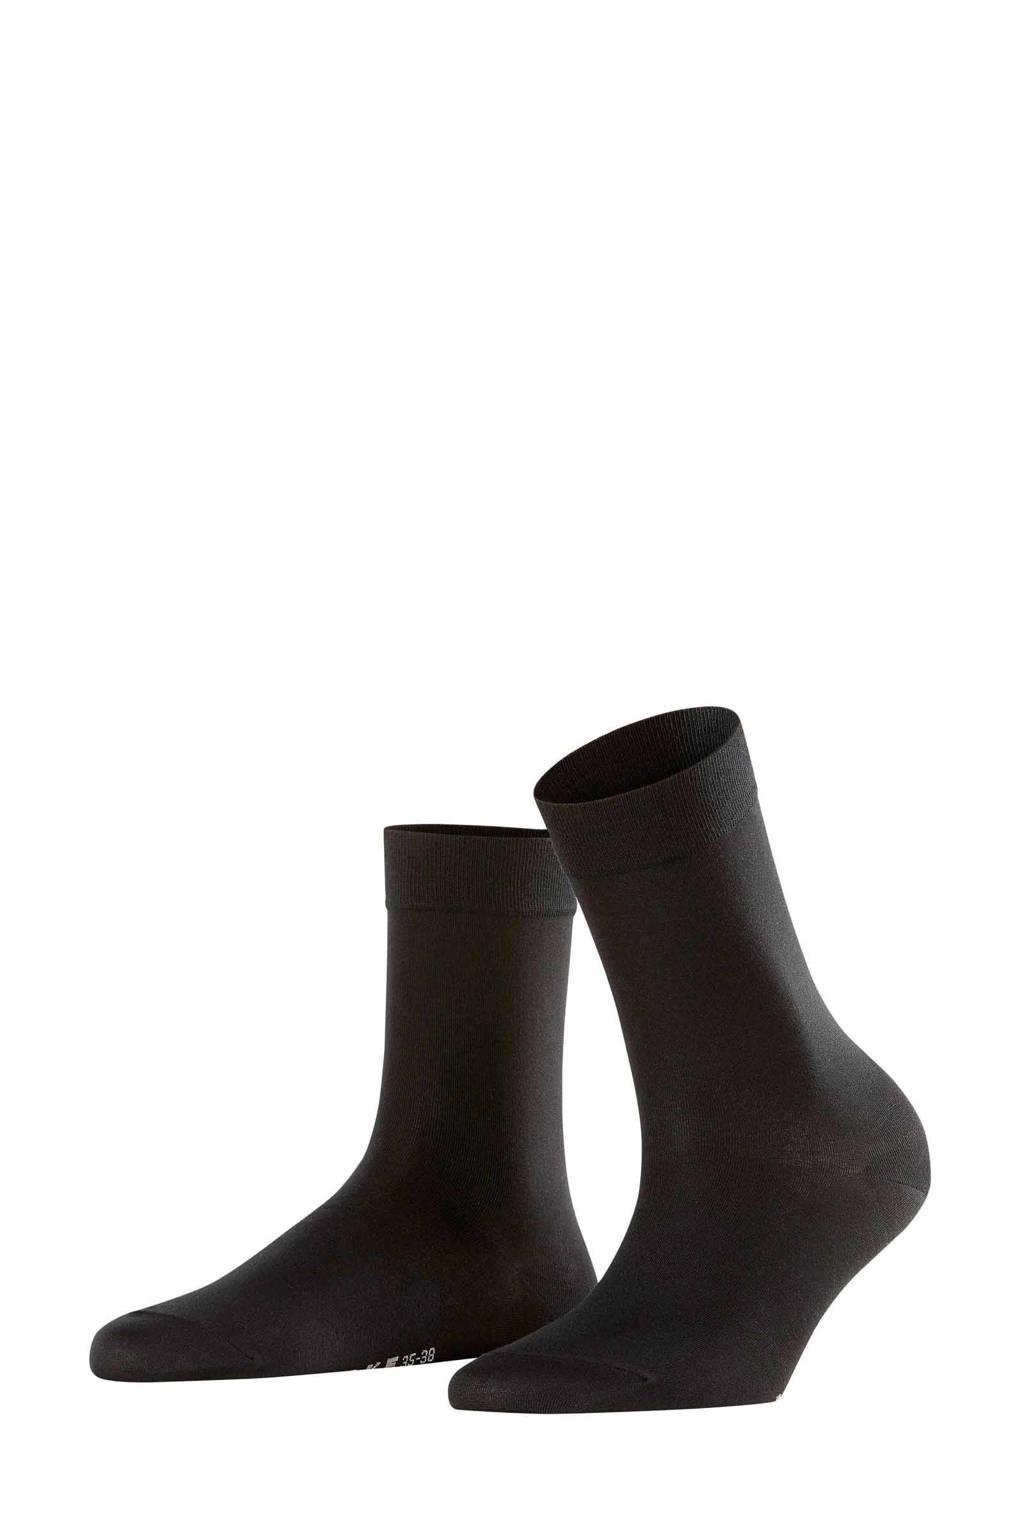 FALKE Cotton Touch sokken zwart, Zwart